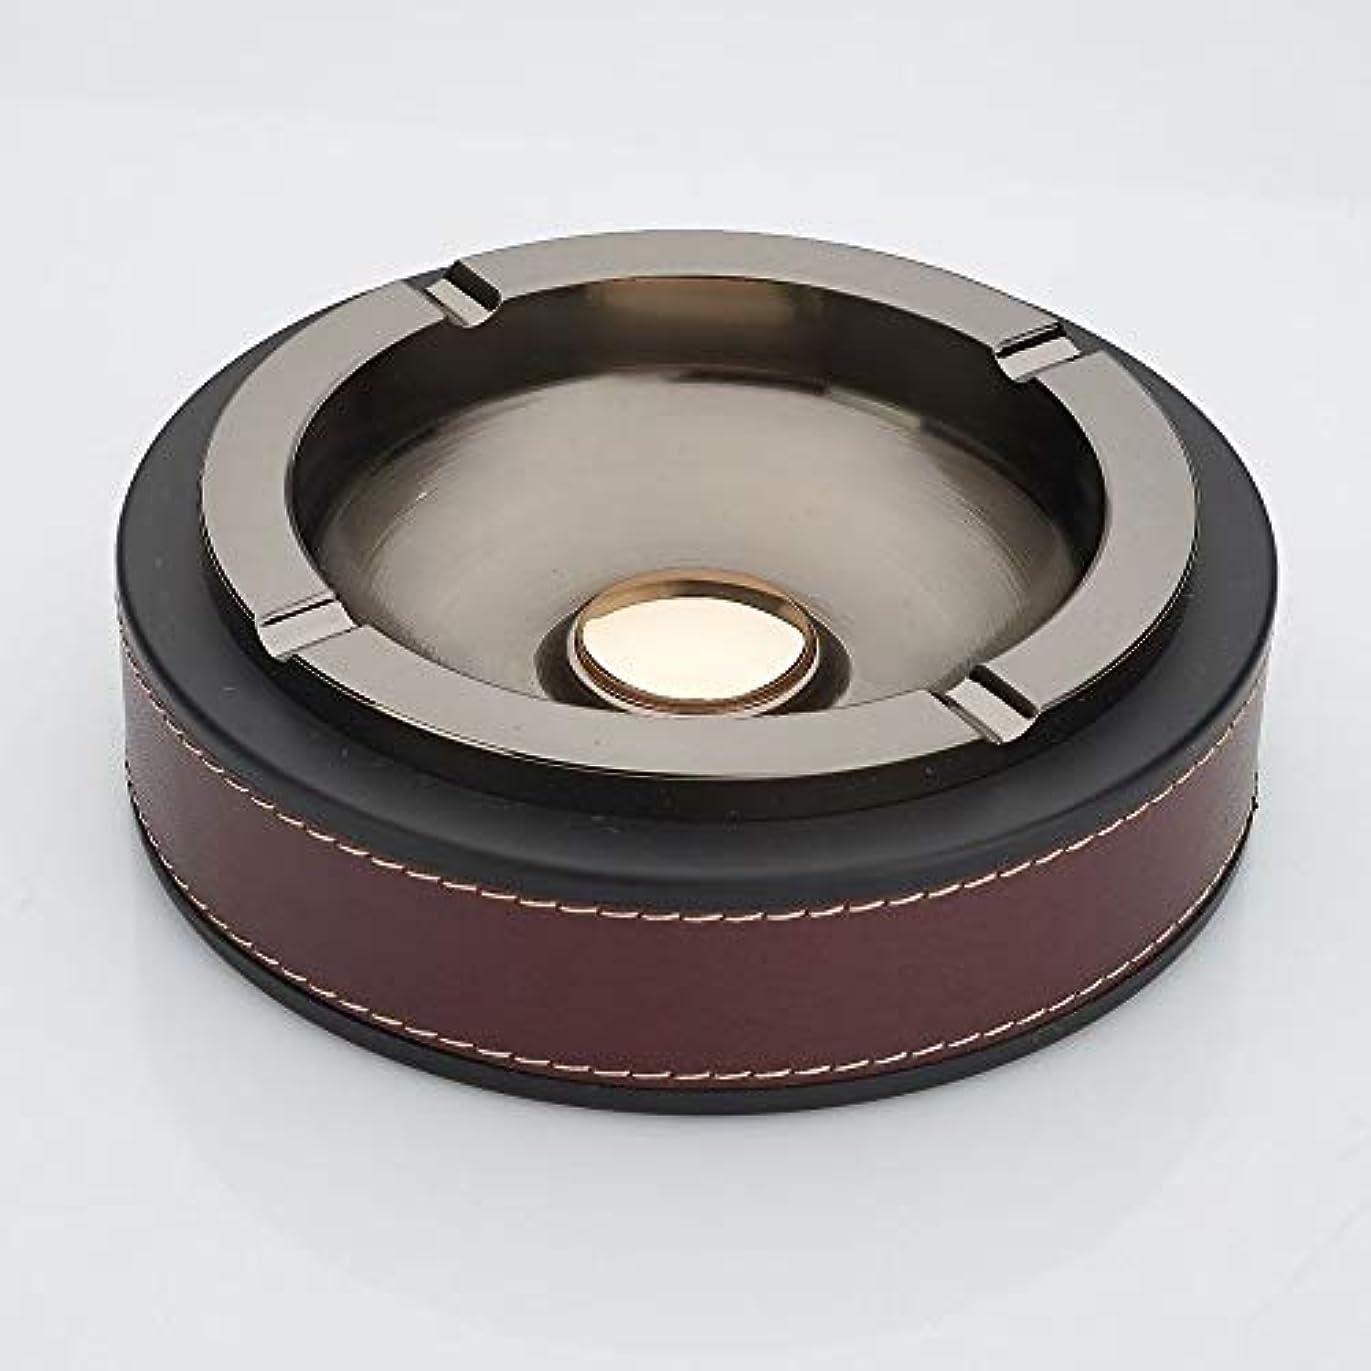 誇りびっくりしたセマフォタバコの灰皿クリエイティブ灰皿ホームデコレーション (色 : 赤)